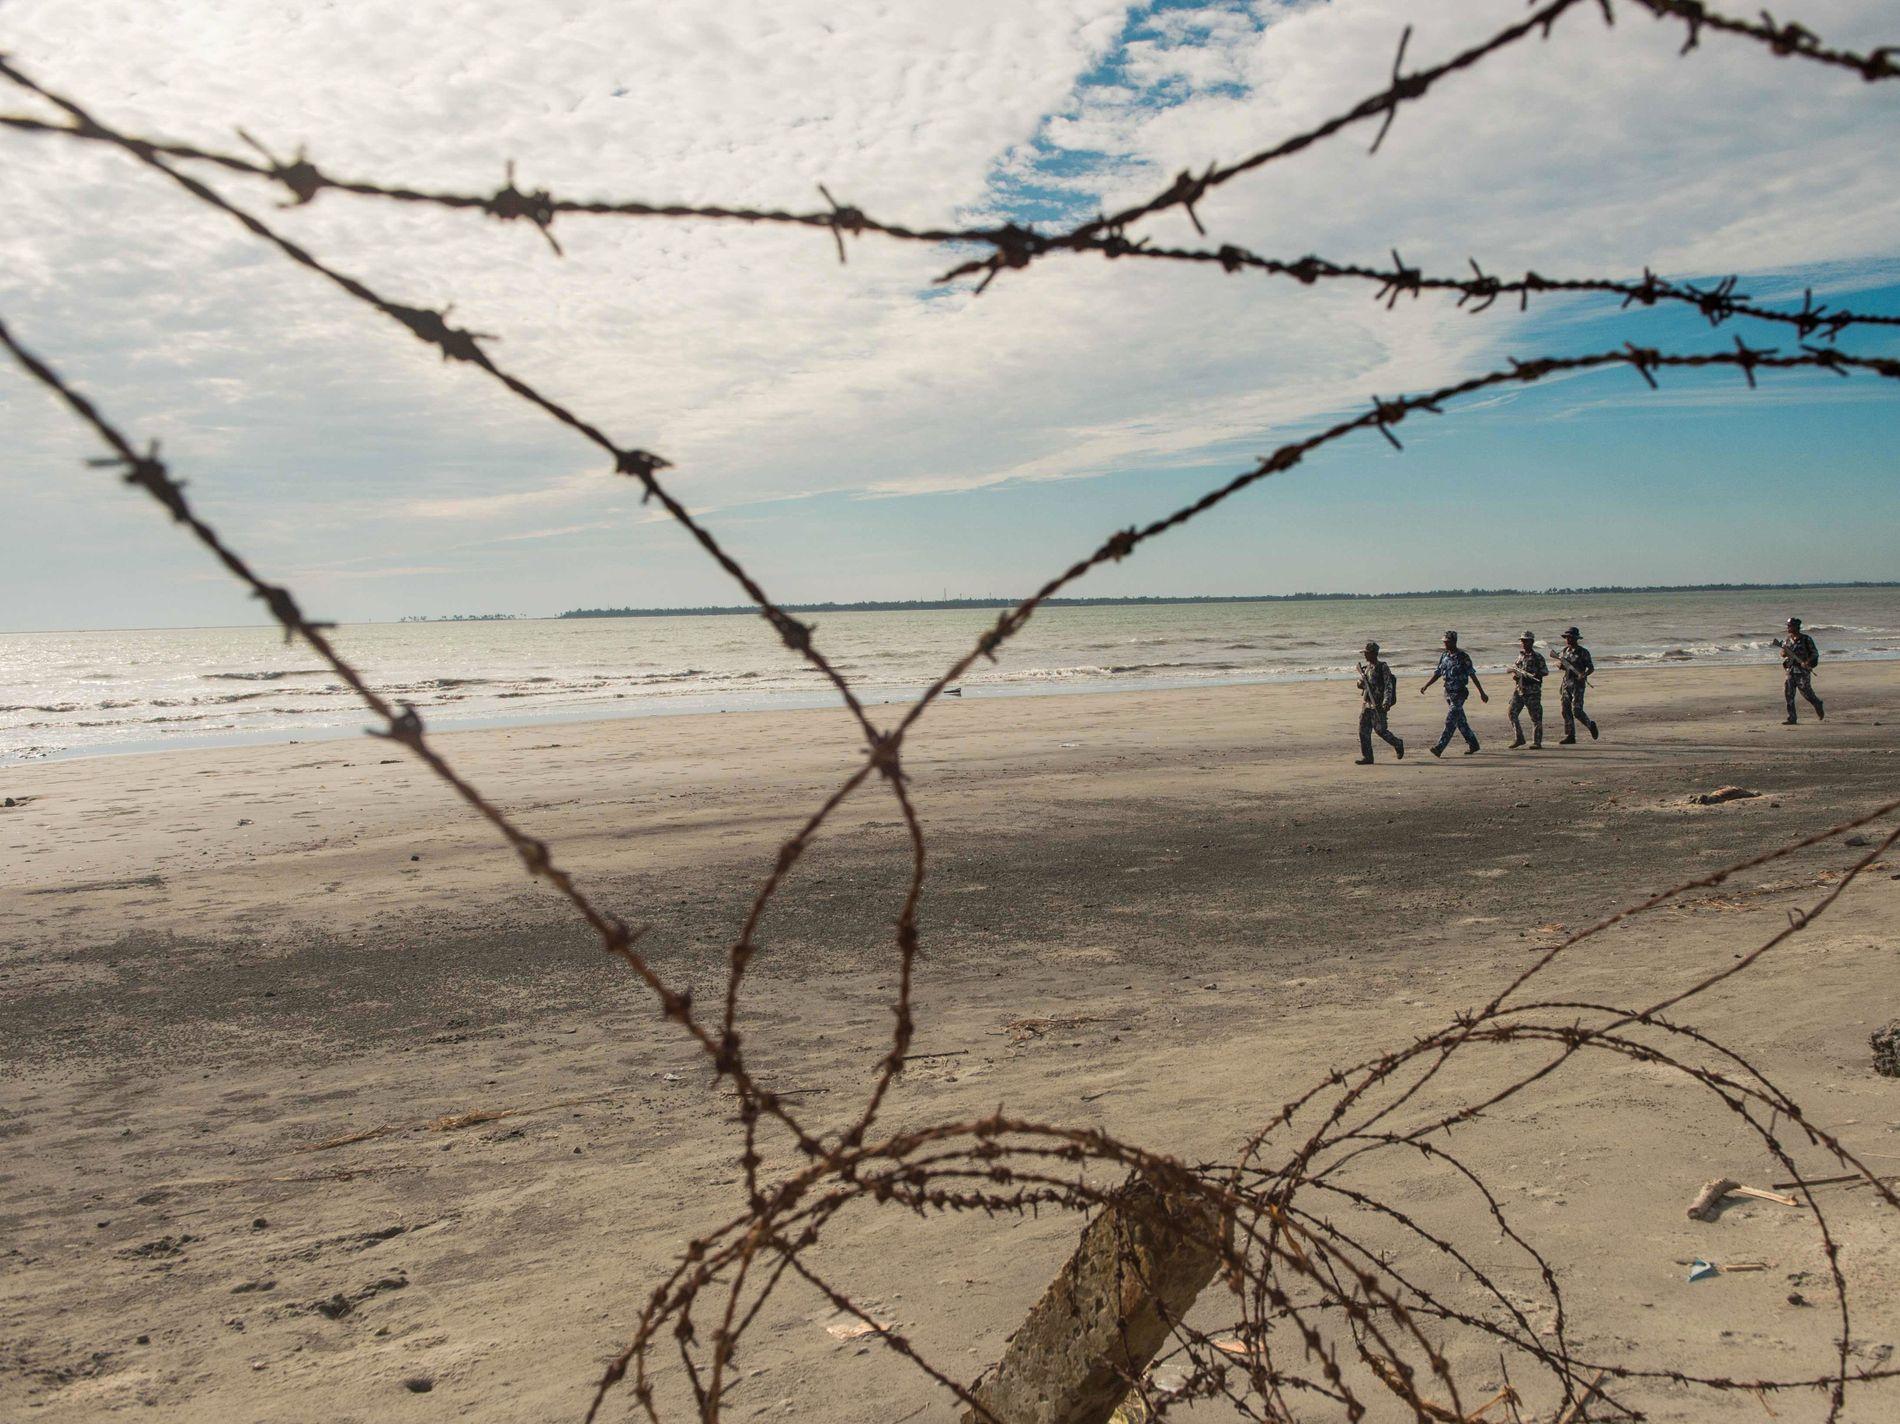 Politiet patruljerer grensen mellom Myanmar og Bangladesh. Siden 25. august har nesten 700 00 rohingyaer flyktet fra Myanmar til Bangladesh.